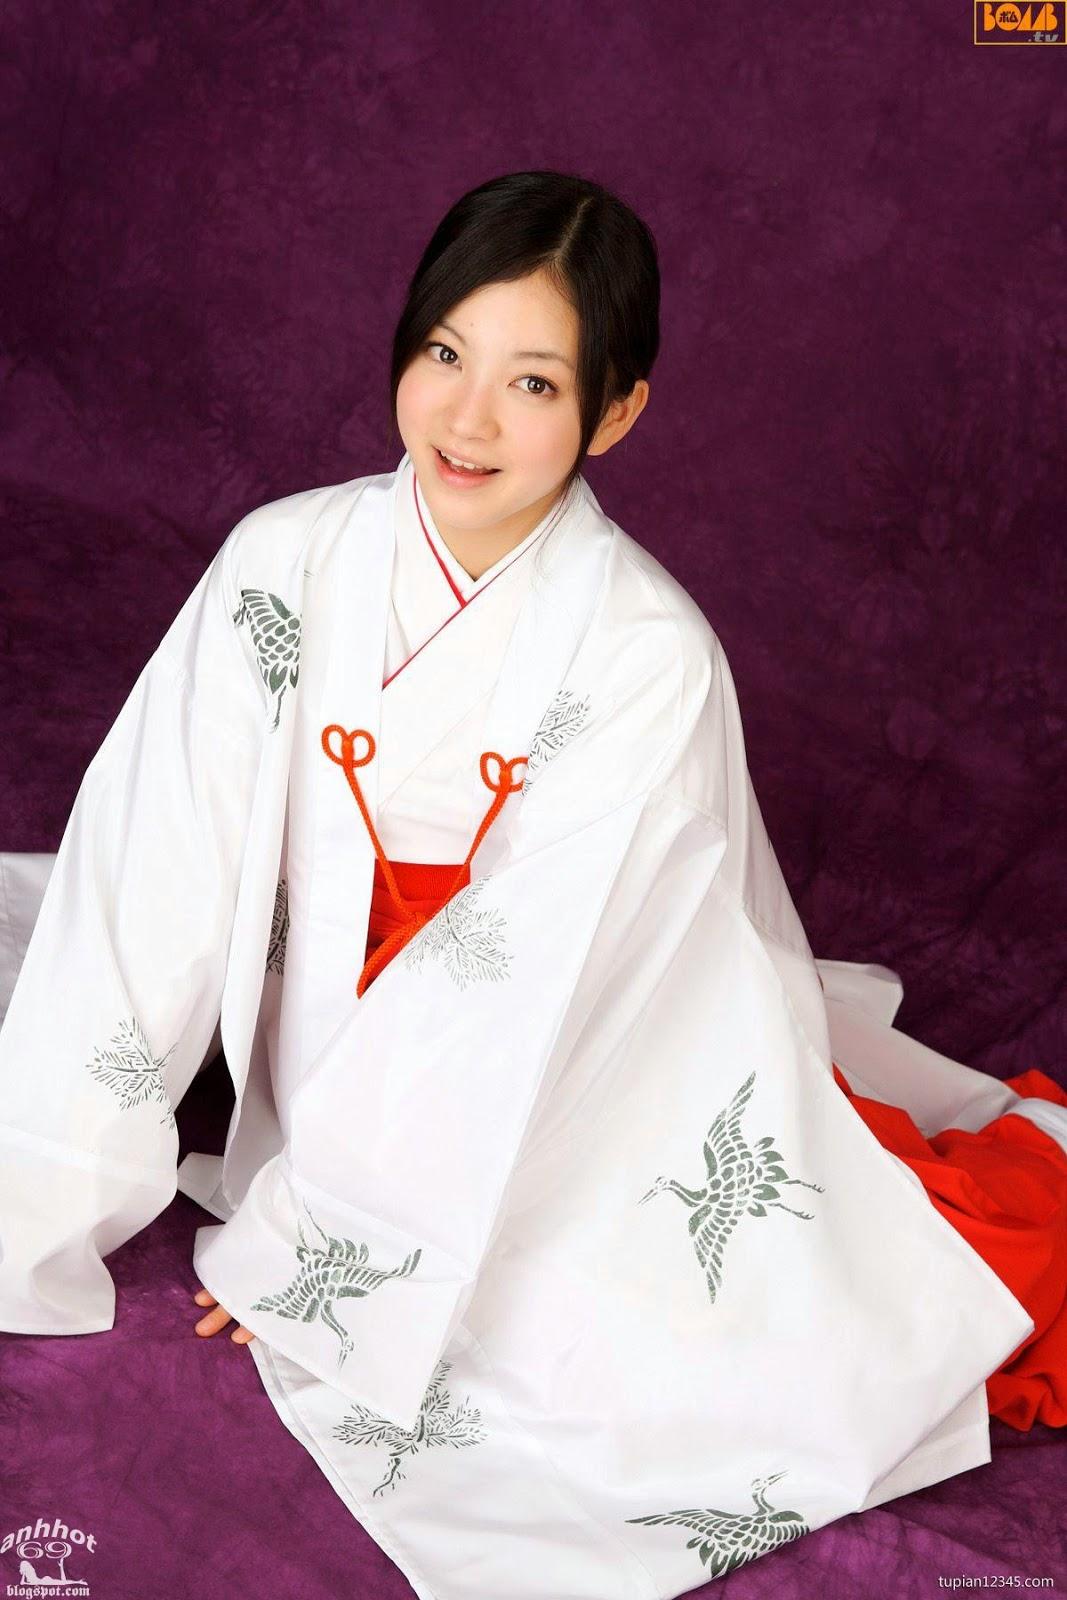 maari-nakashima_1-110F5105426